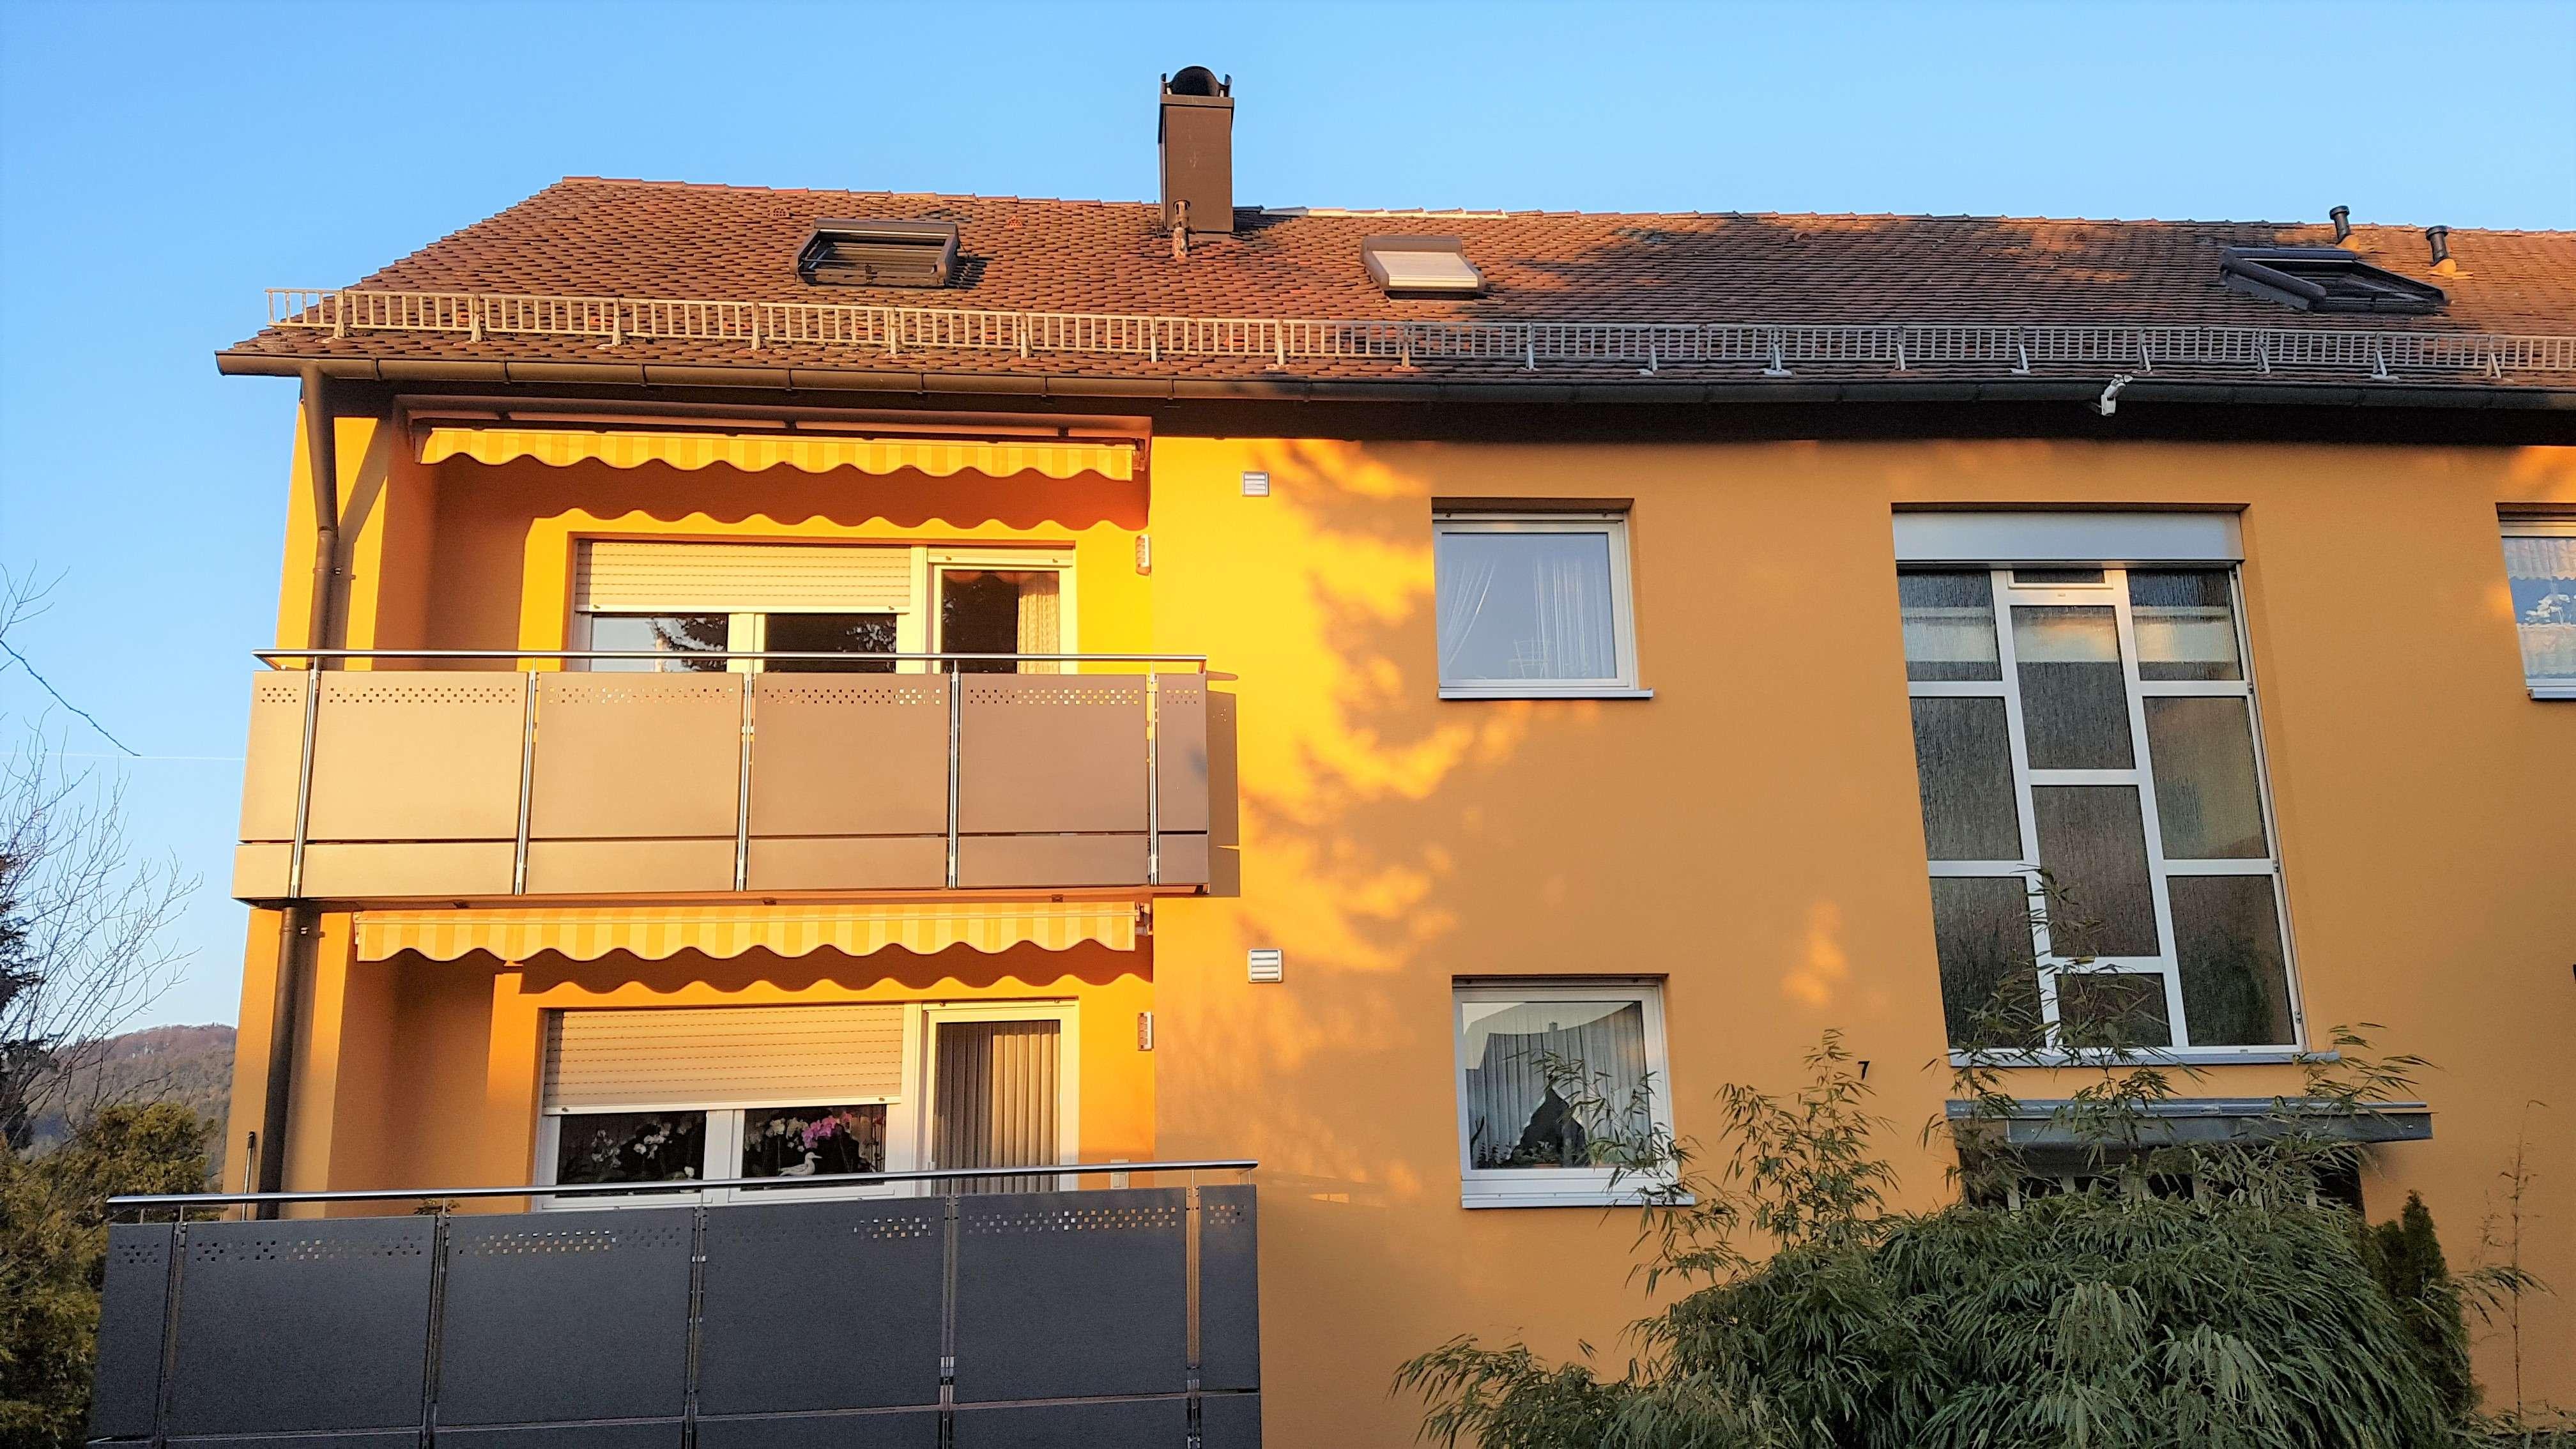 3-Zimmer-Wohnung mit Balkon in ruhiger Wohnlage von Neumarkt in Neumarkt in der Oberpfalz (Neumarkt in der Oberpfalz)